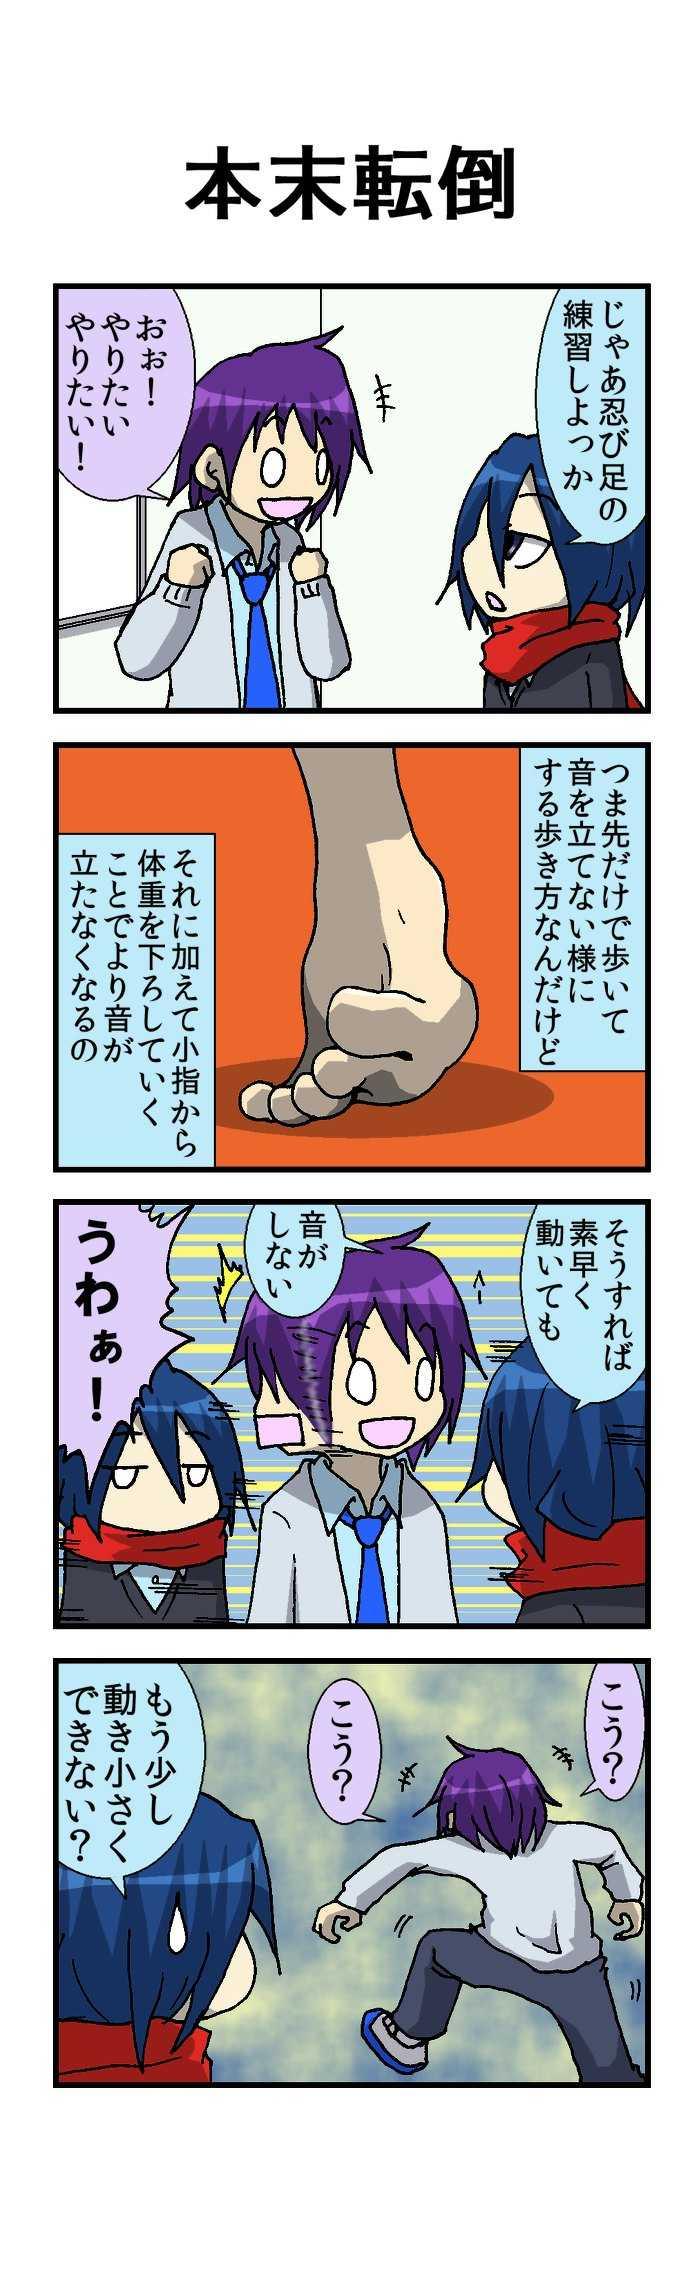 14術目:忍ぶ綱引き